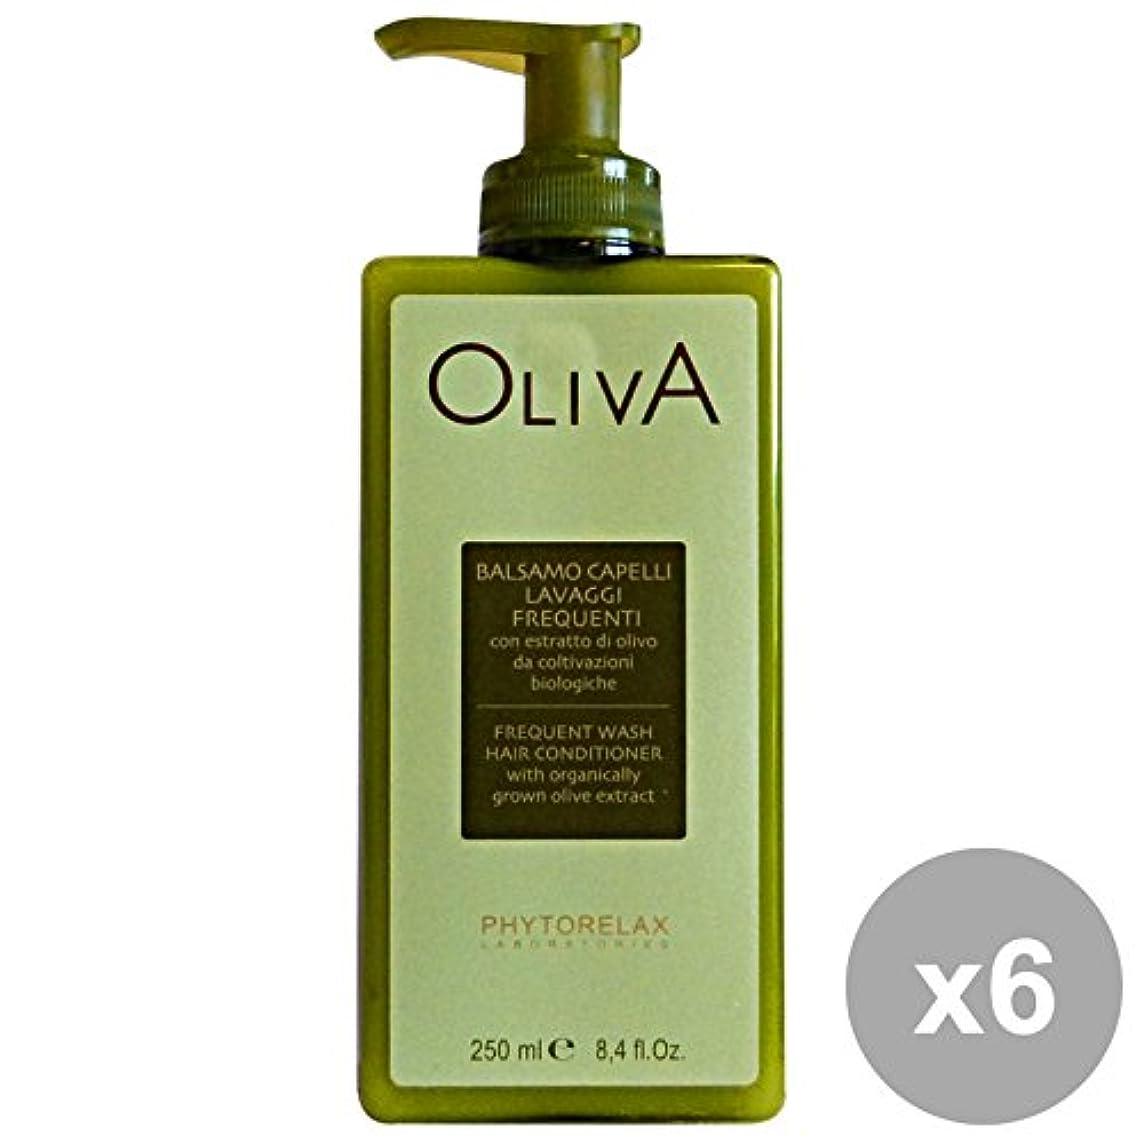 沈黙飼料必需品6ファイトレラックスオリーブバームウォッシュを洗う頻度250 ML。髪のための製品